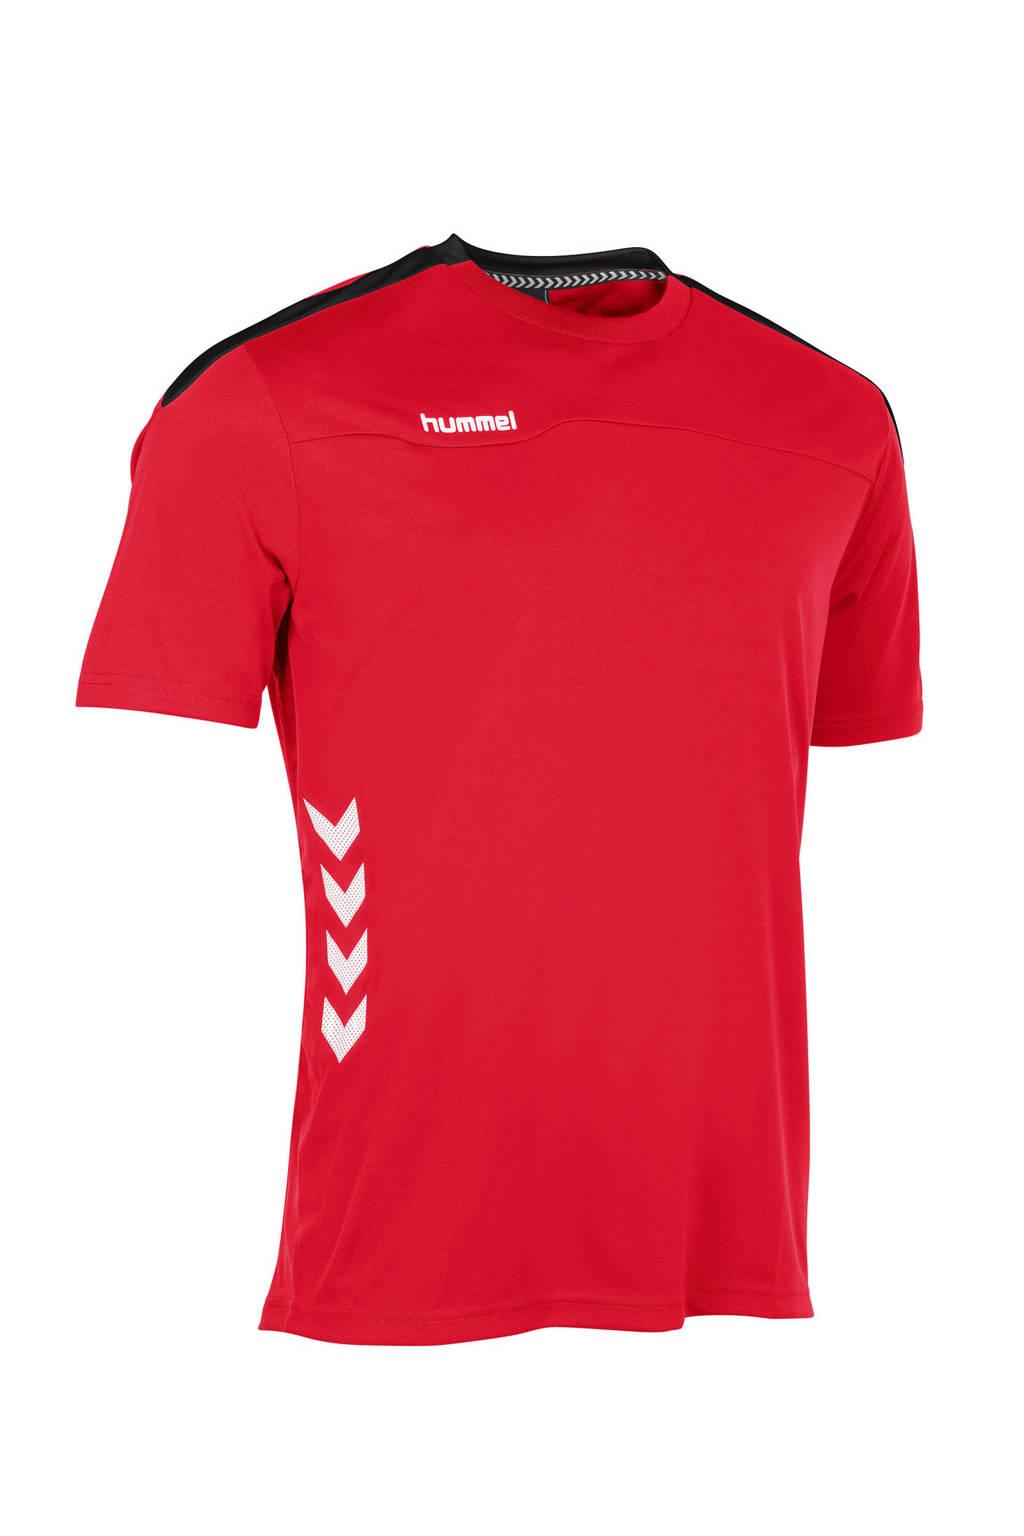 hummel   sport T-shirt rood, Rood/wit/zwart, Jongens